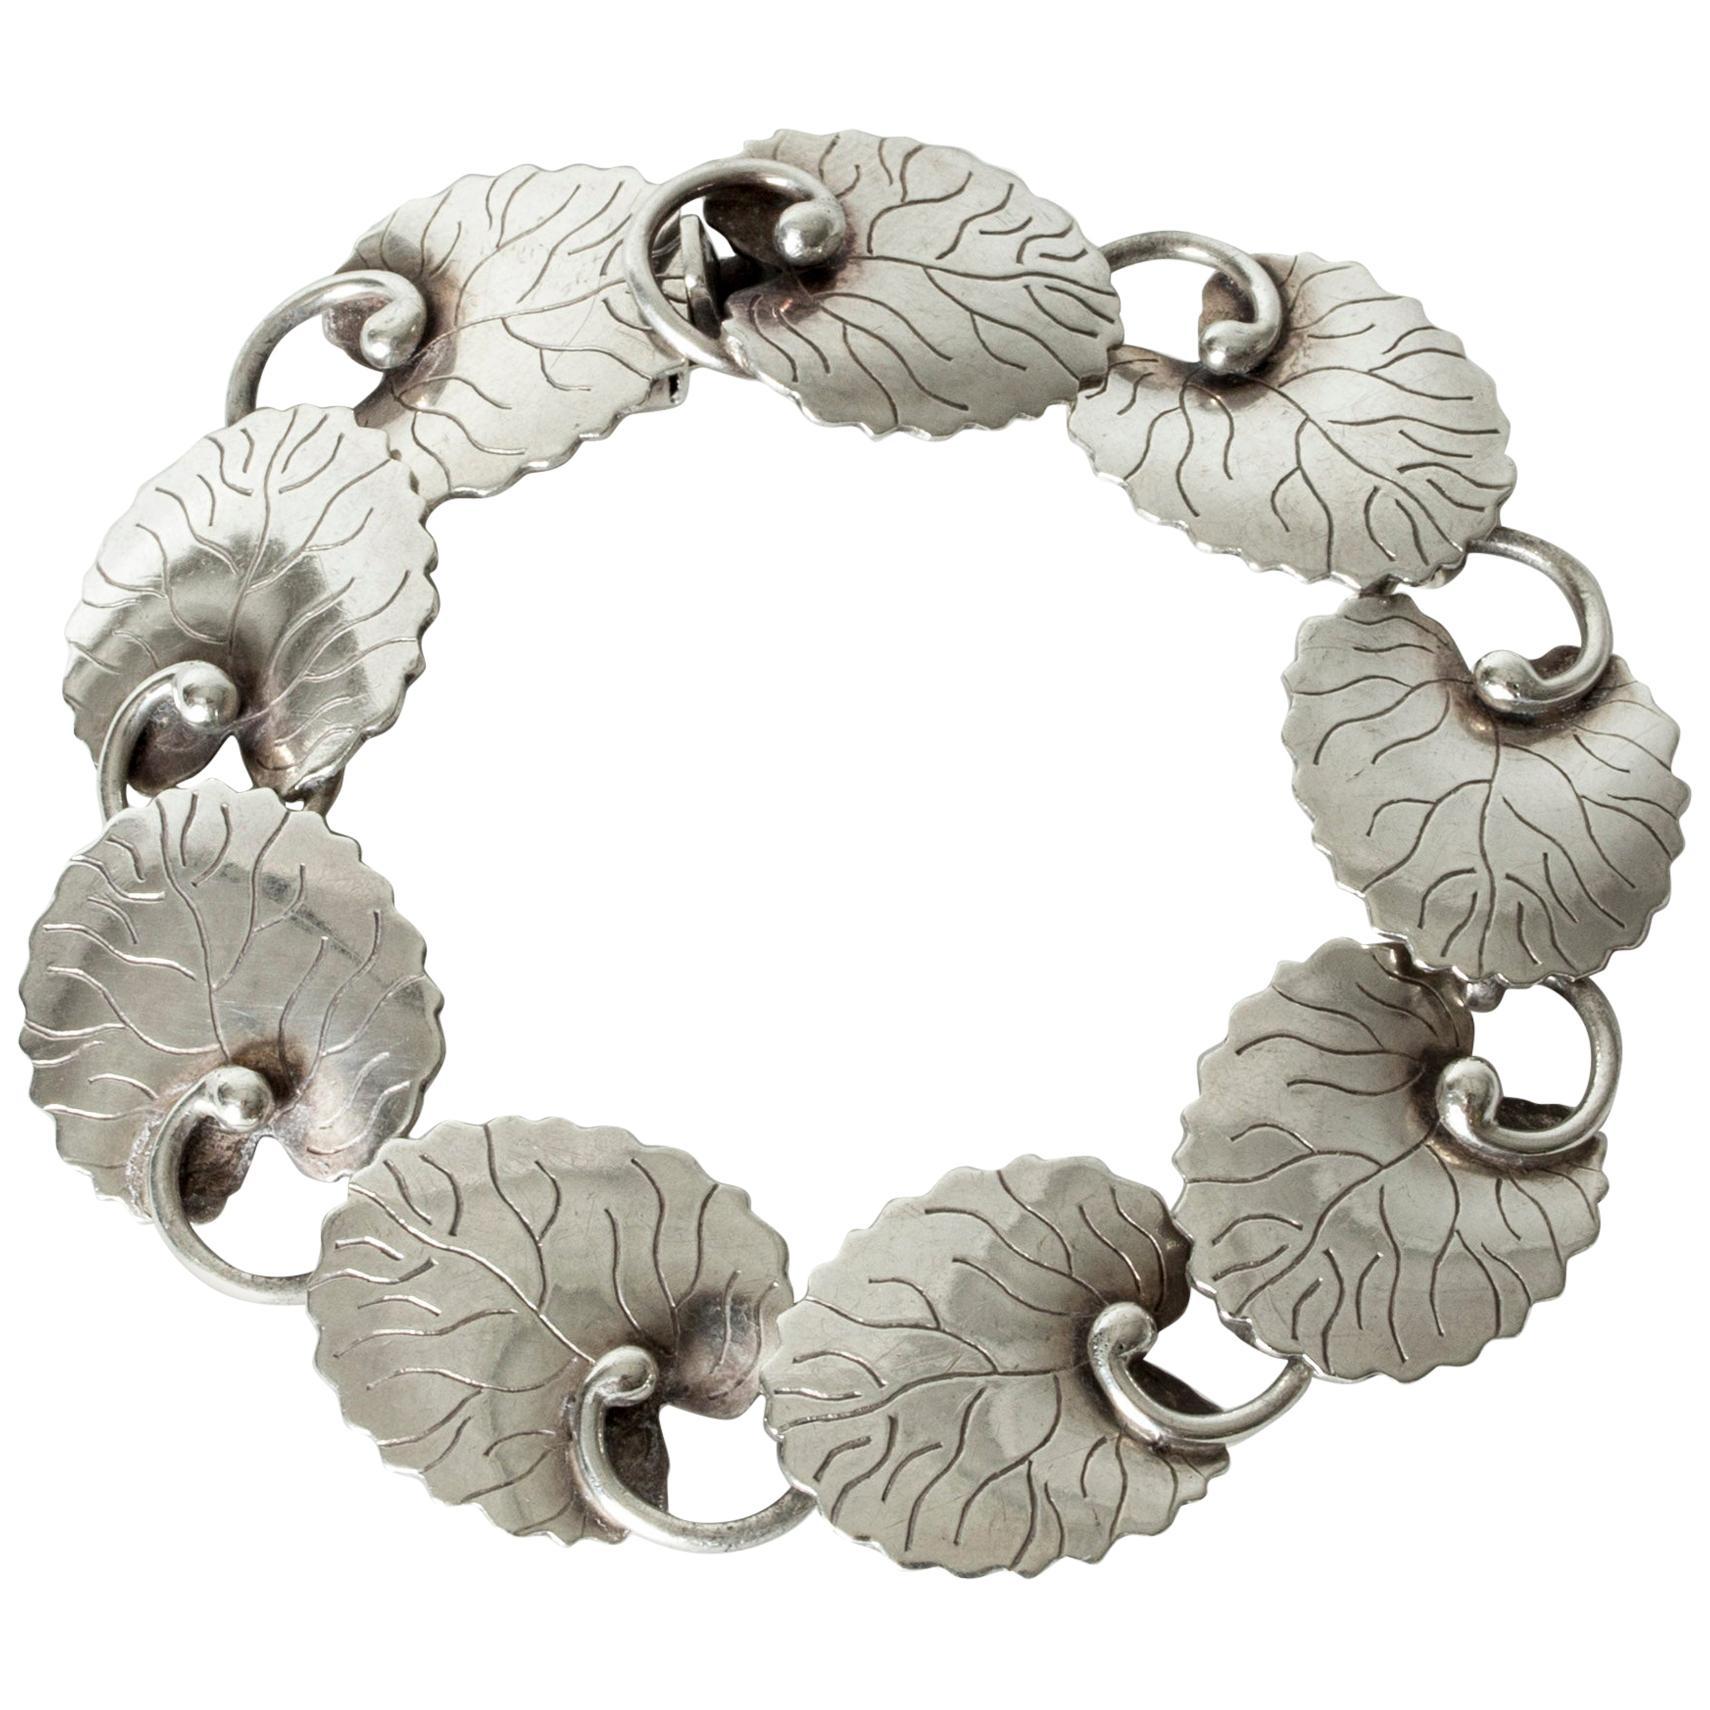 Silver Bracelet by Arvo Saarela, Sweden, 1954